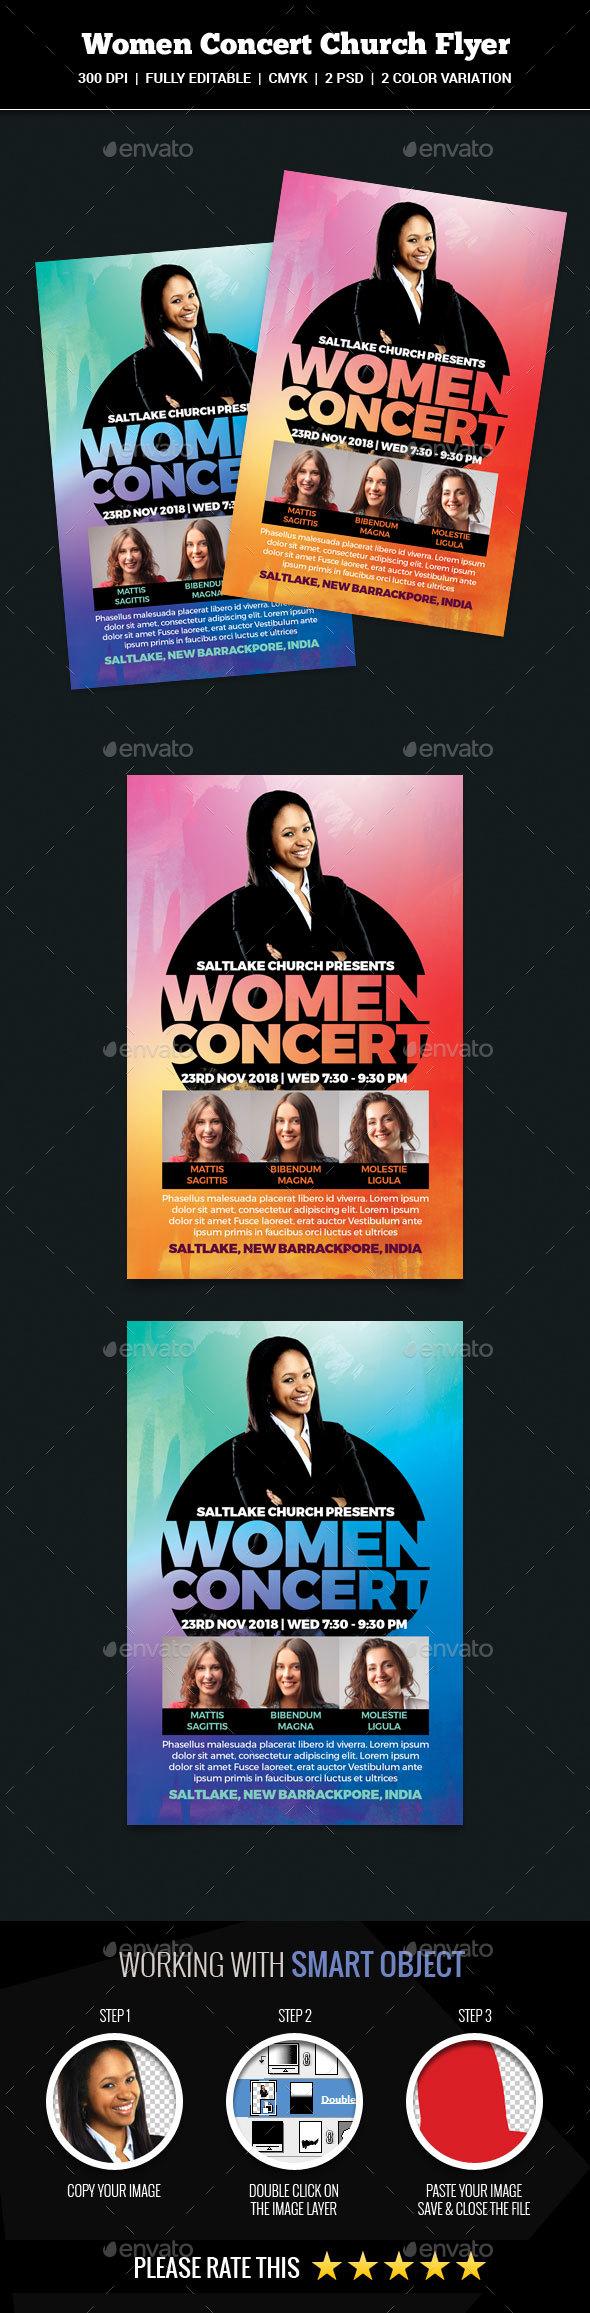 Women Concert Church Flyer - Church Flyers